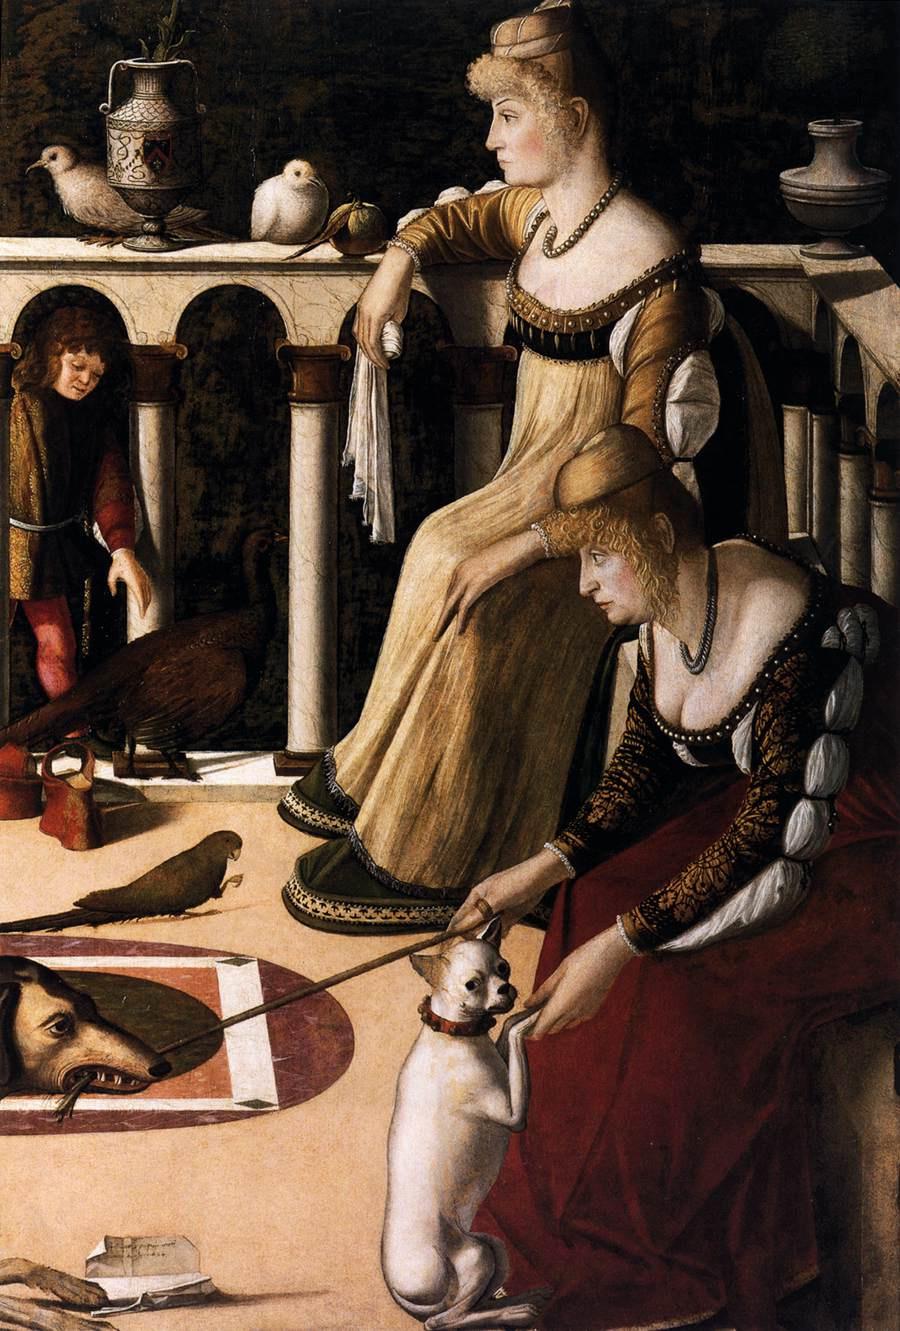 Vittore Carpaccio. Two Venetians (courtesans)